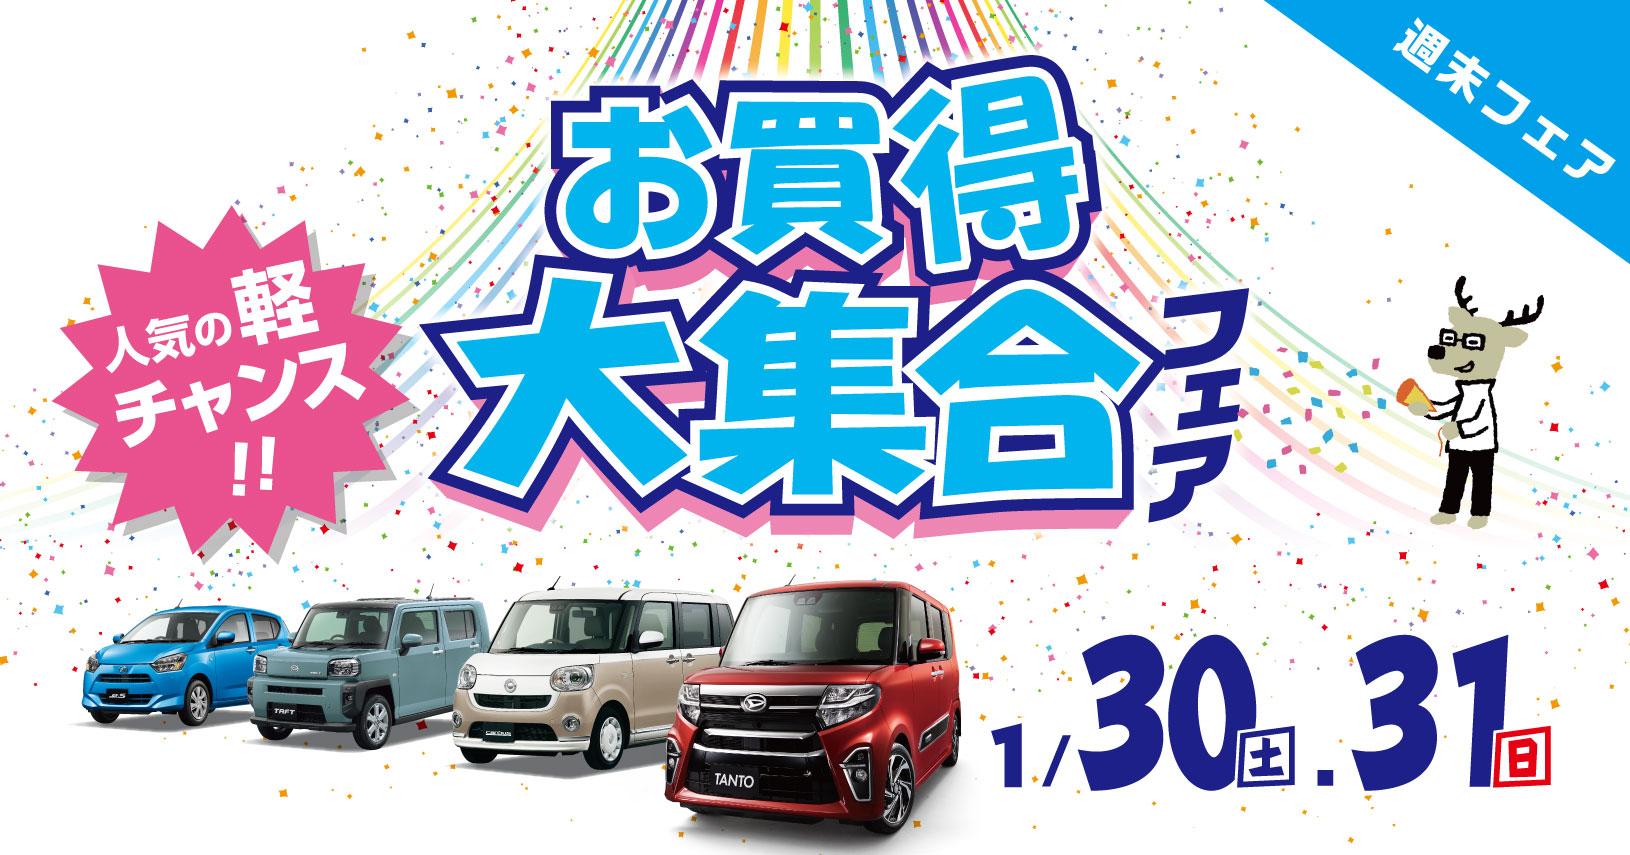 1月30-31日お買得大集合フェア開催!!